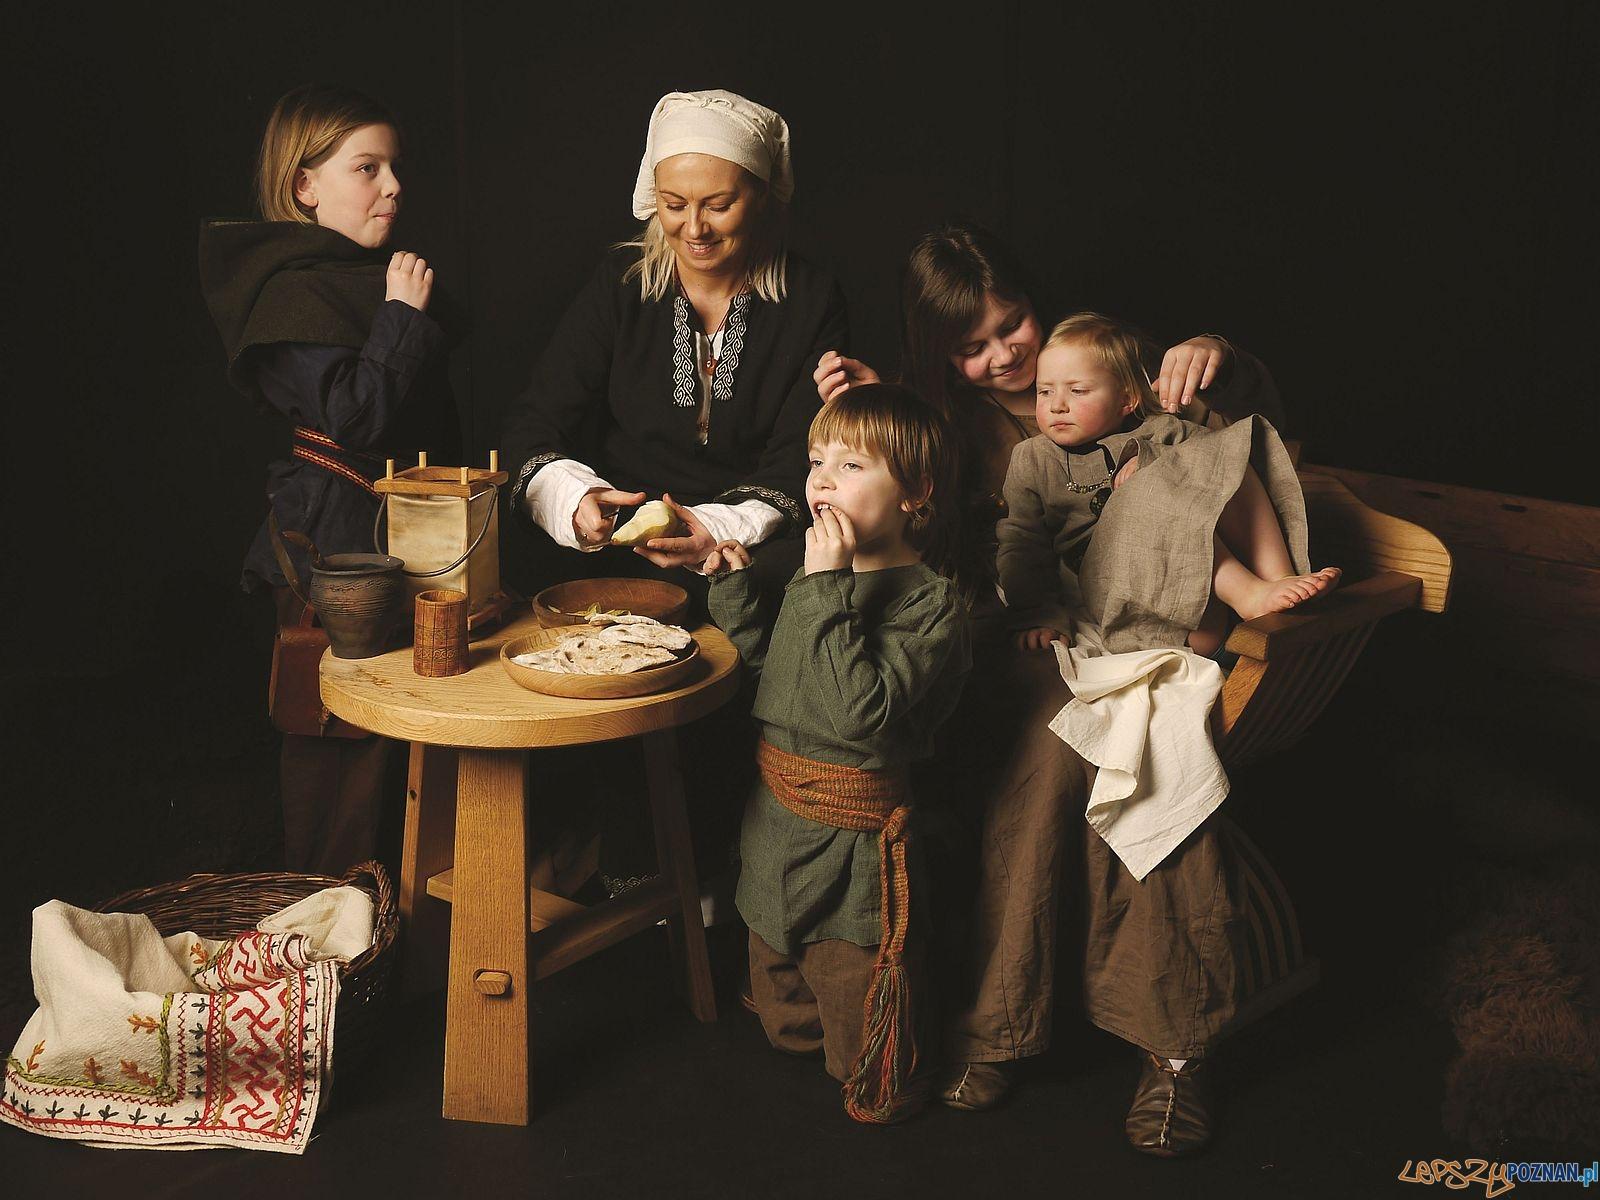 Rodzina w średniowieczu  Foto: Kateriny Zisopulu Bleja / Muzeum Archeologiczne